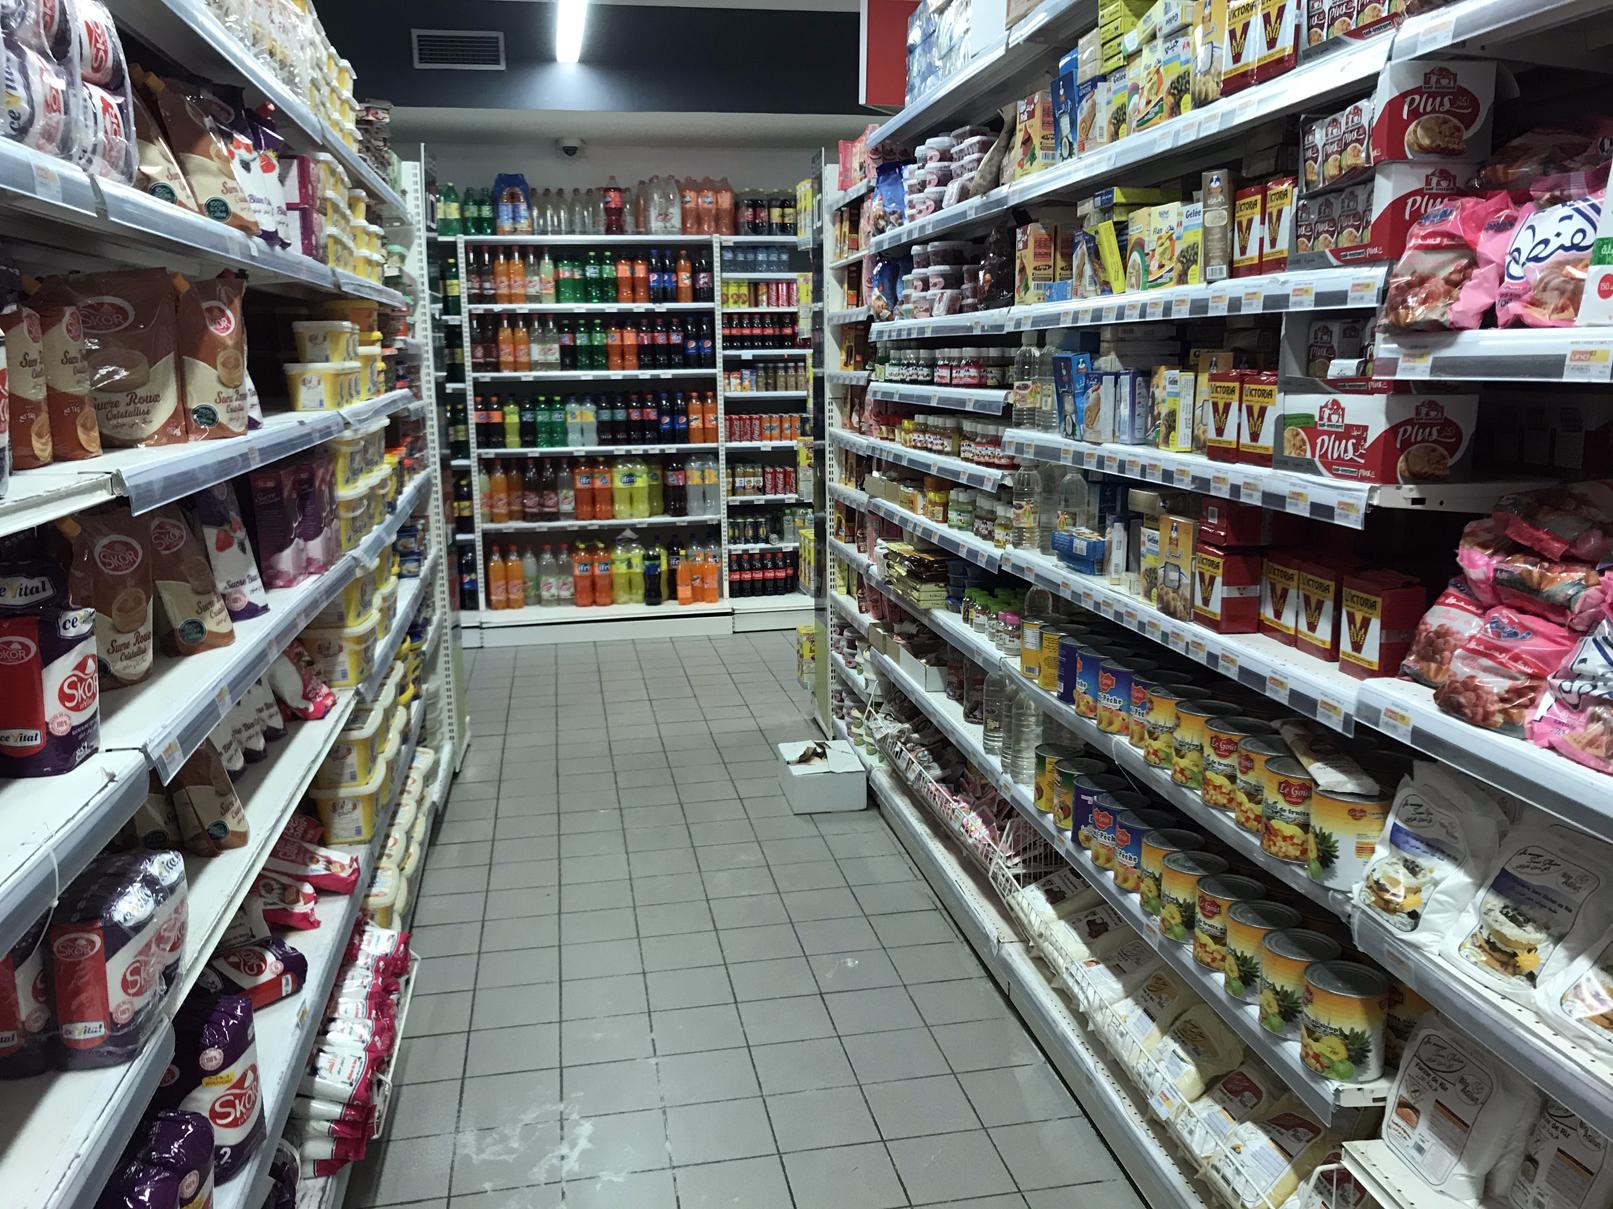 Perturbation dans l'approvisionnement en huile de table:  La FNA pointe du doigt les commerçants de détail - Algérie